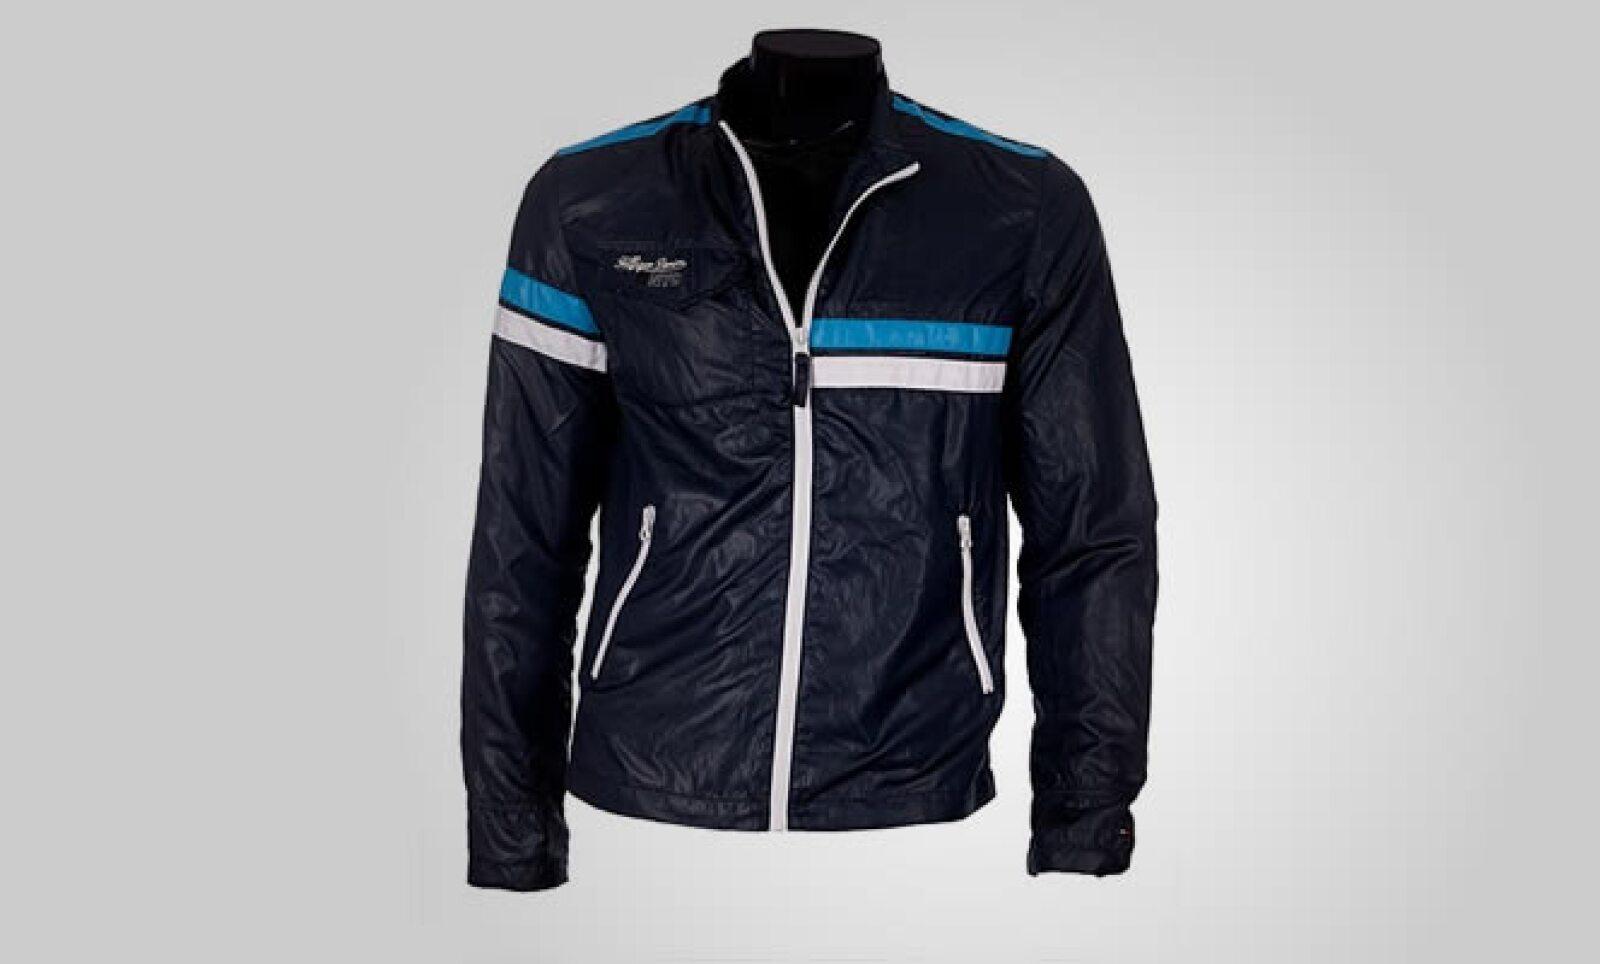 Un estilo más deportivo con esta chamarra de piel en color negro, con pinceladas de colores azules y blanco.